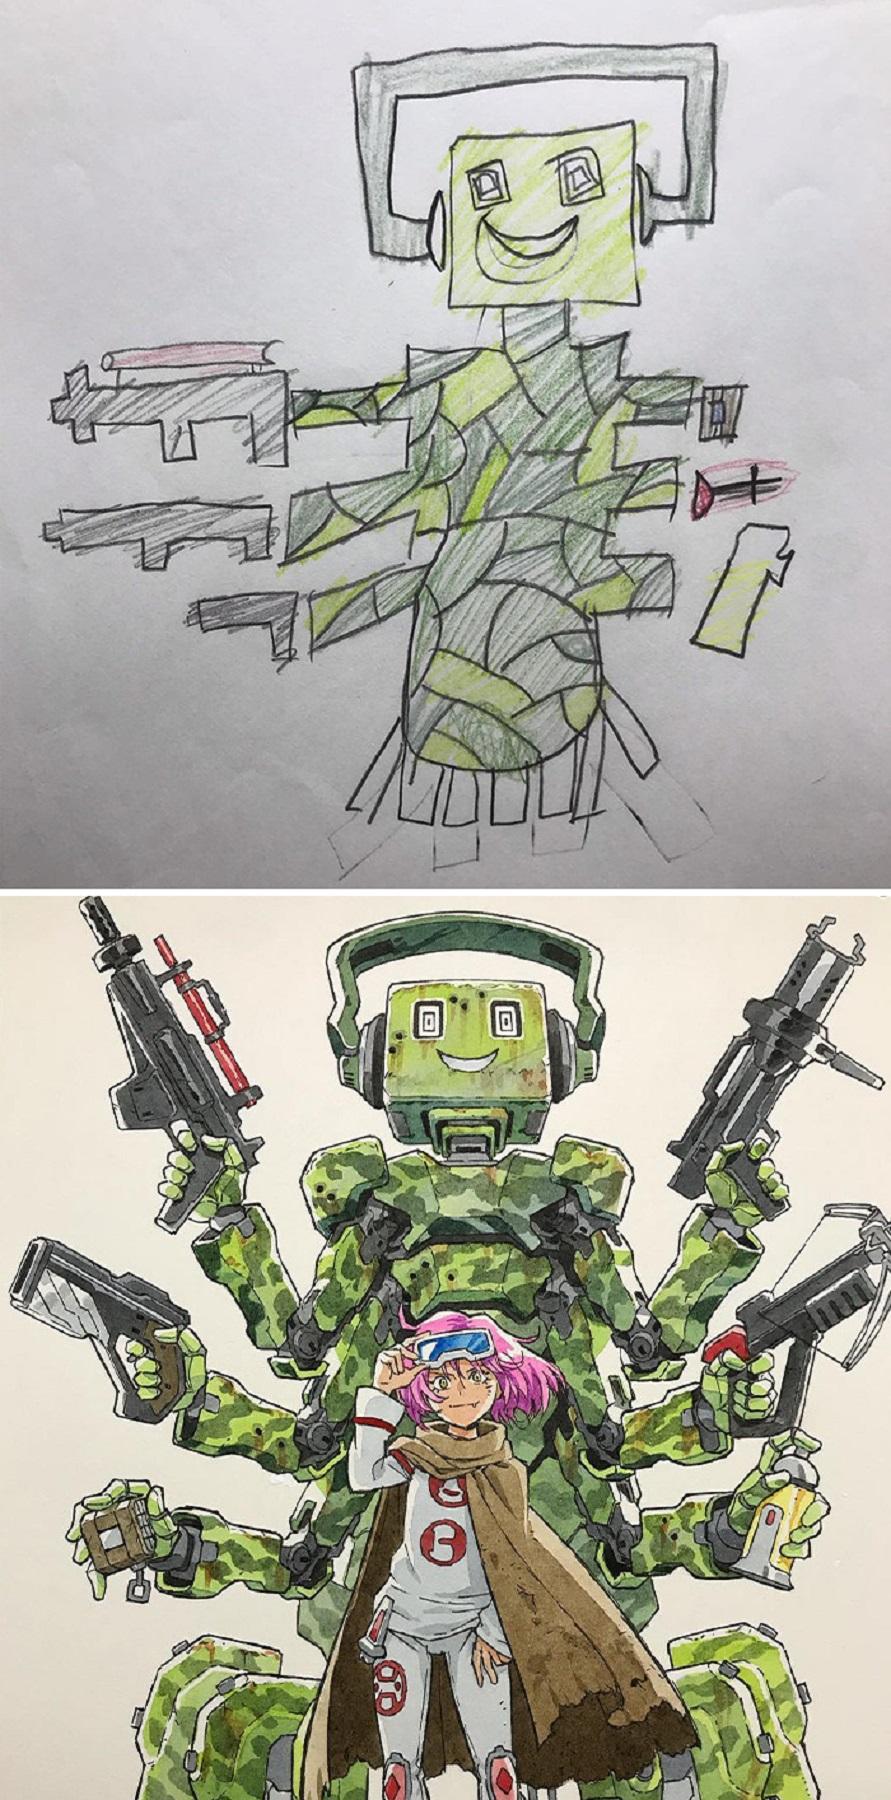 Thomas Romain artista frances transforma rabiscos em personagens de anime para incentivar lado artistico de seus filhos 8